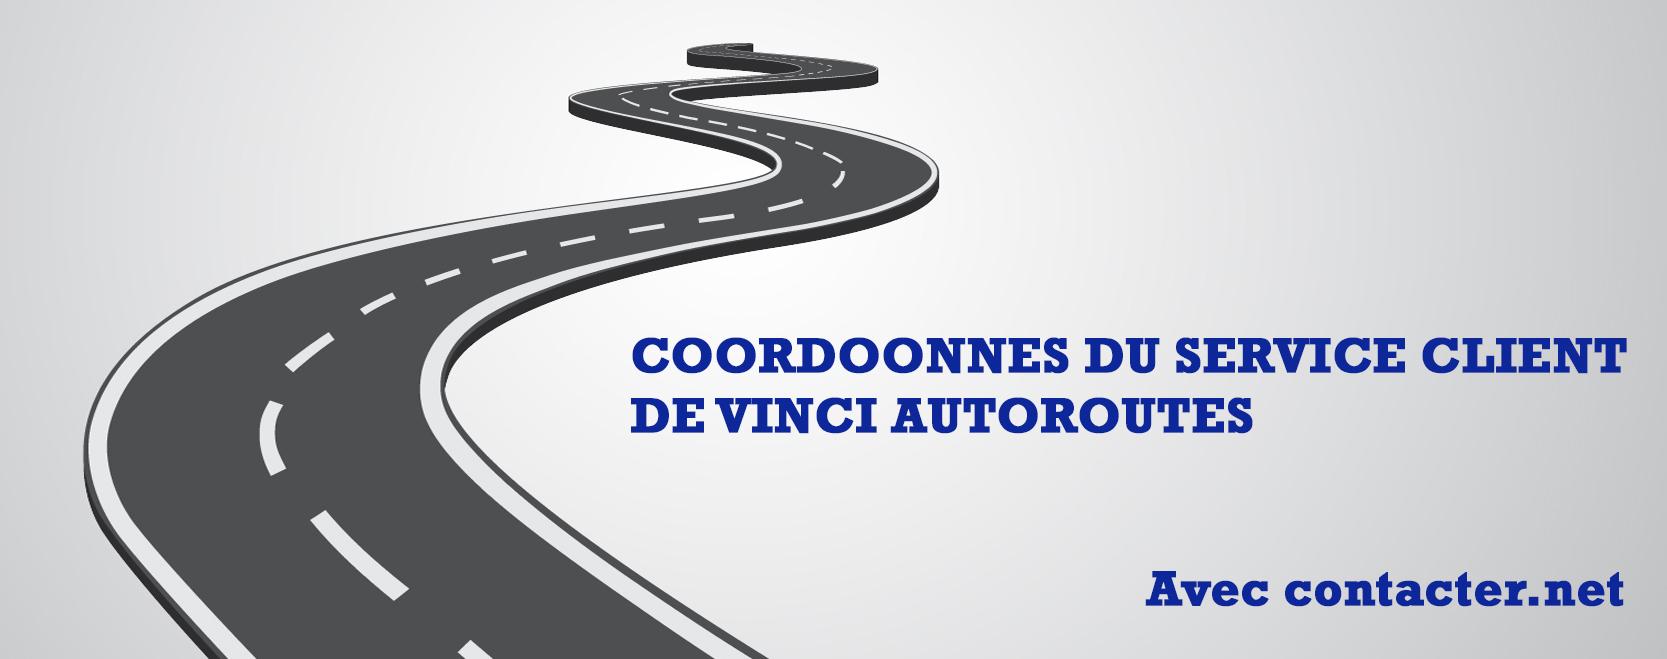 Coordonnes du service client VINCI AUTOROUTES